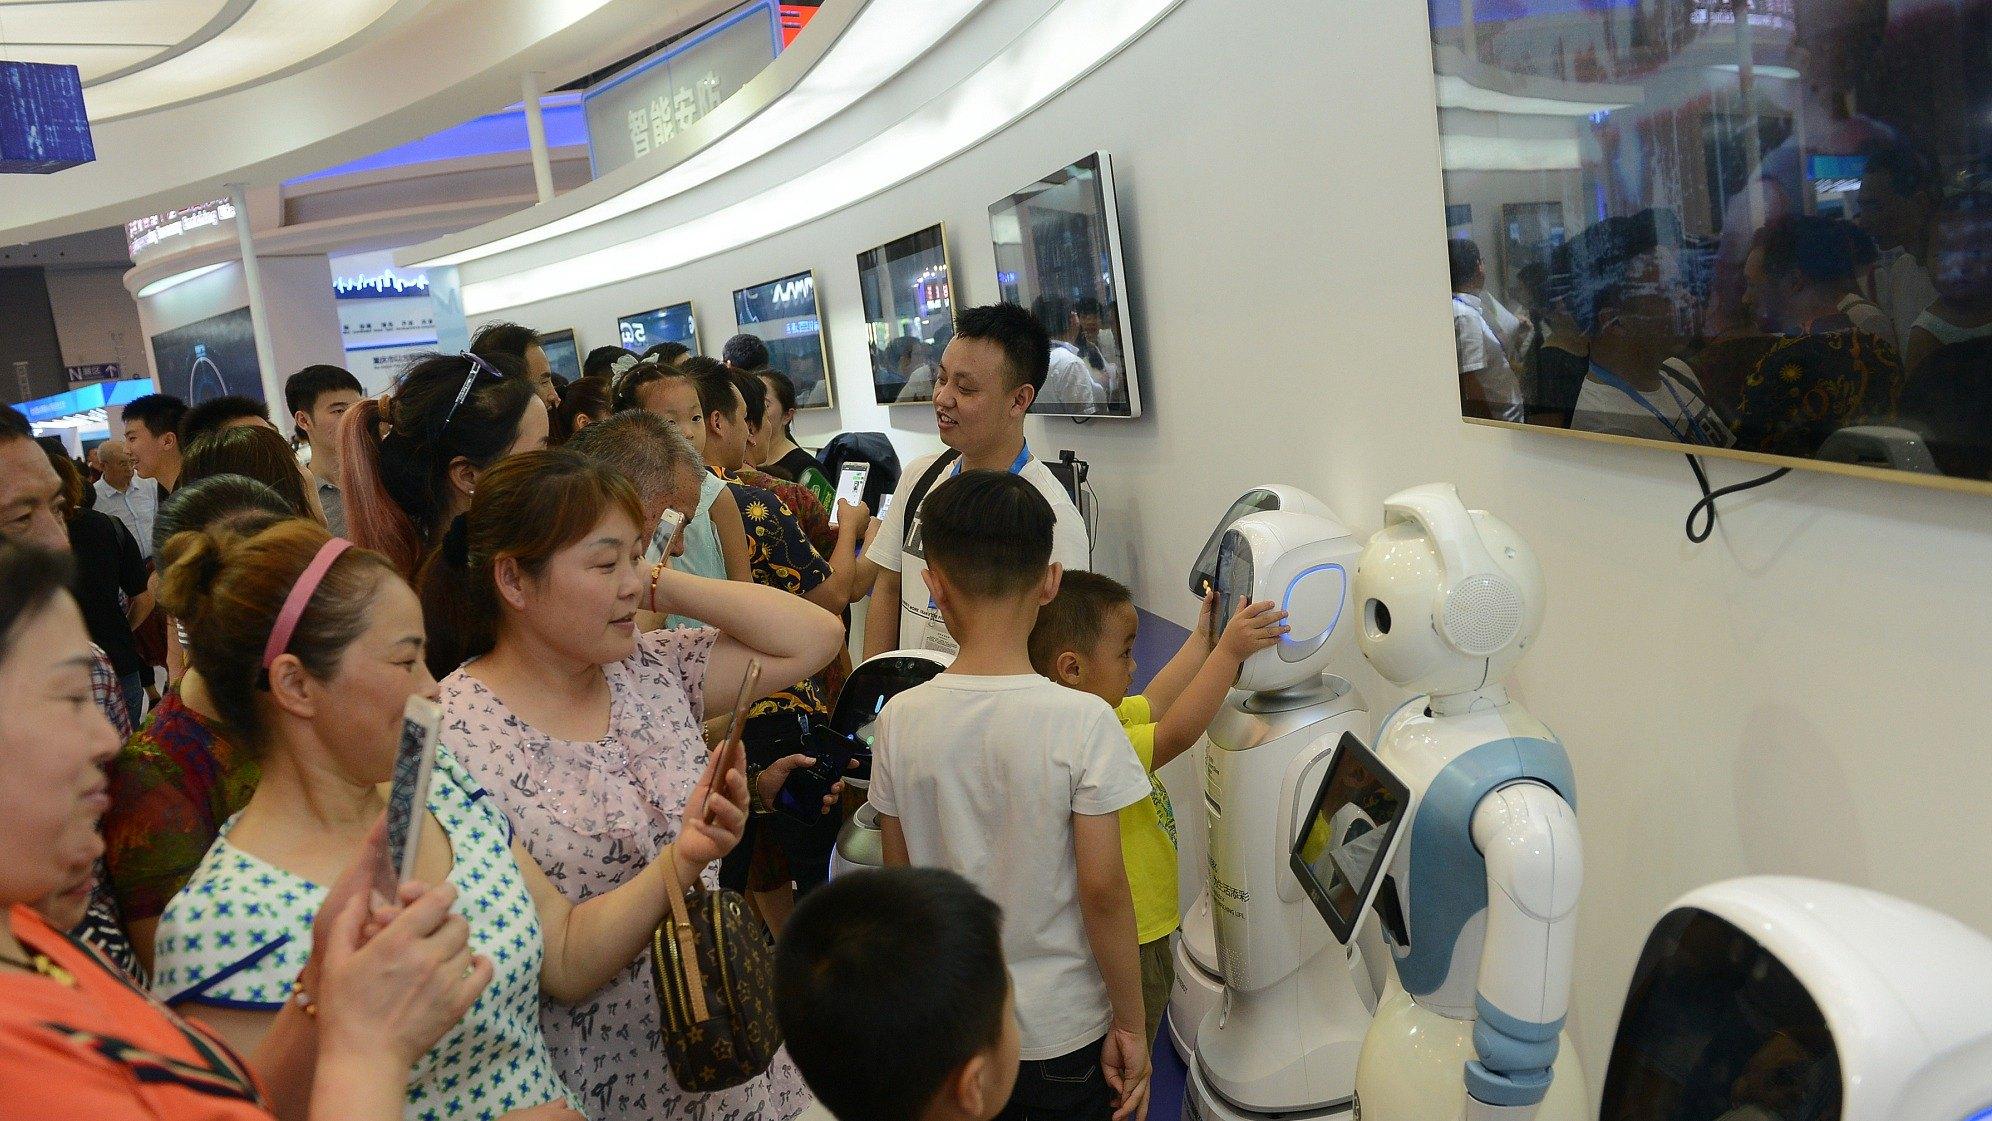 Smart technology makes China smart